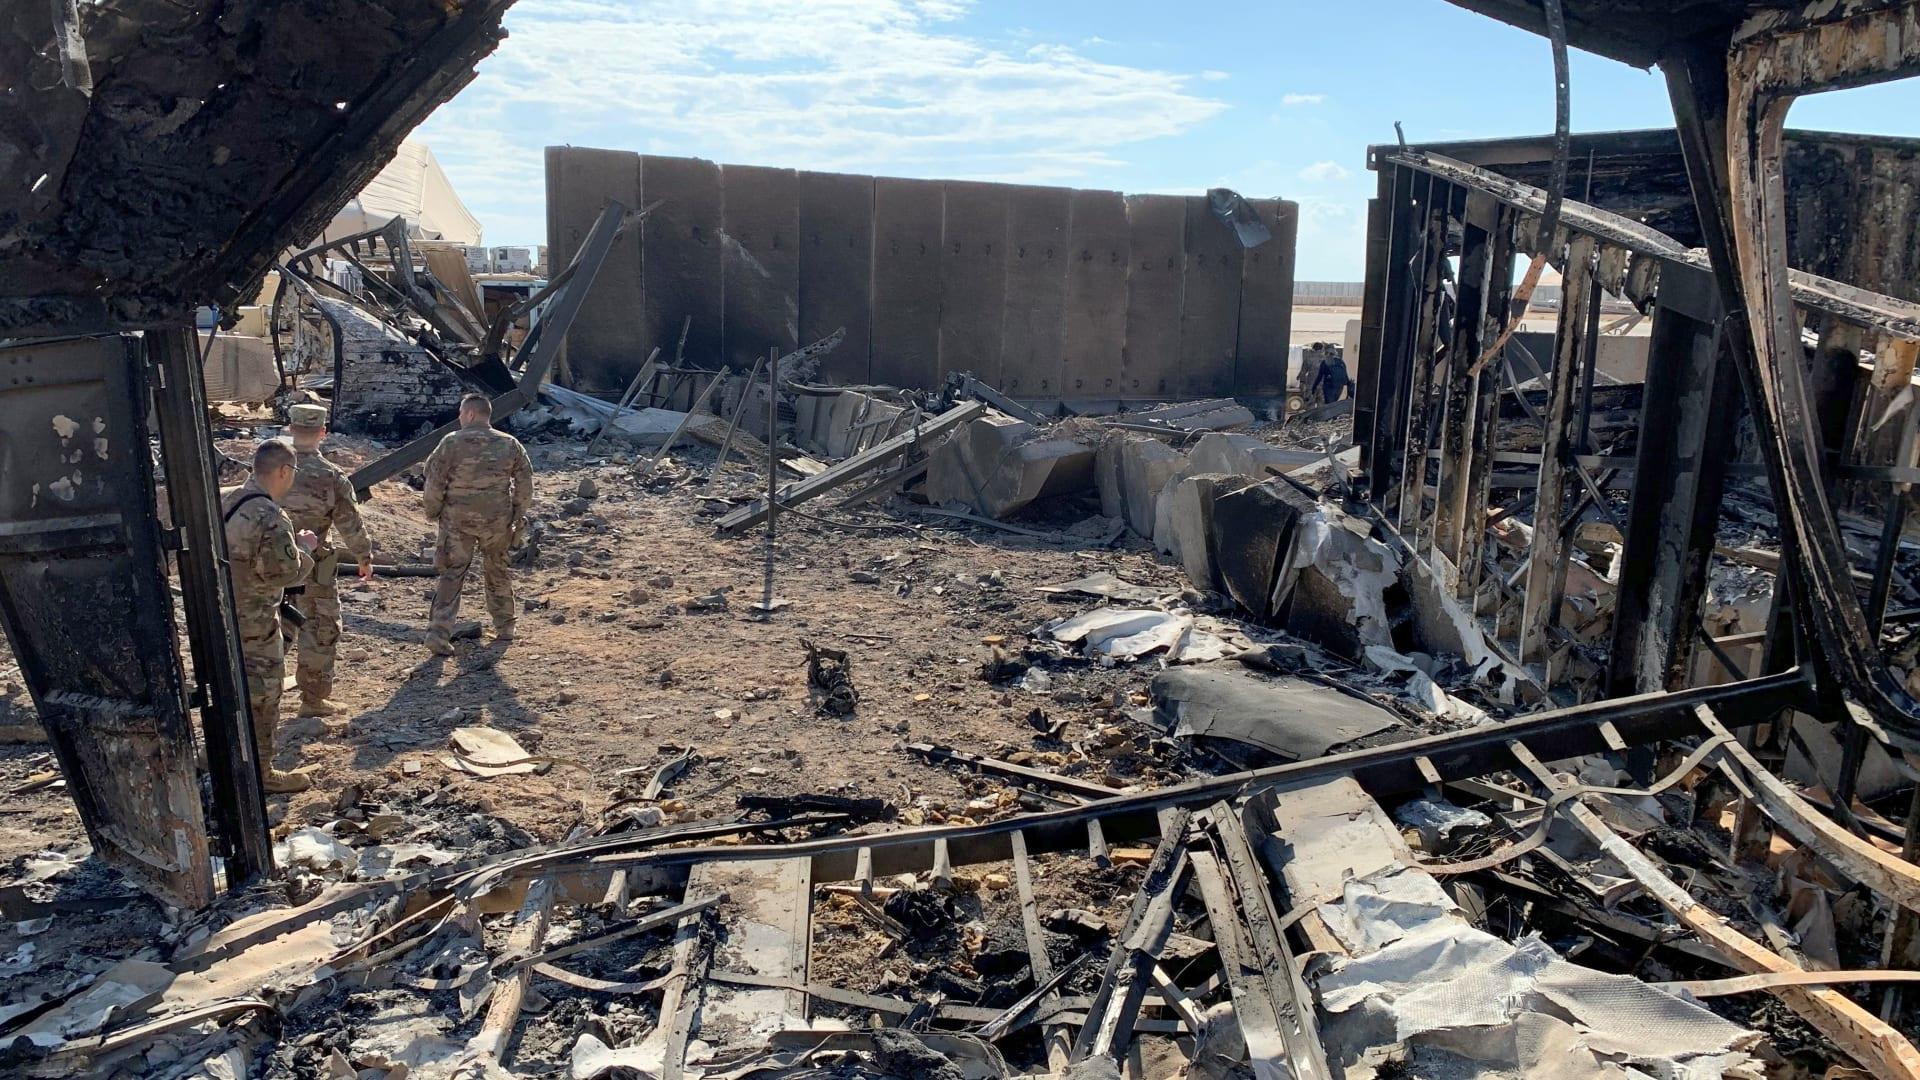 بعد هجوم ثان على قاعدة التاجي.. الجيش العراقي يطالب القوات الأمريكية بسرعة الانسحاب من البلاد